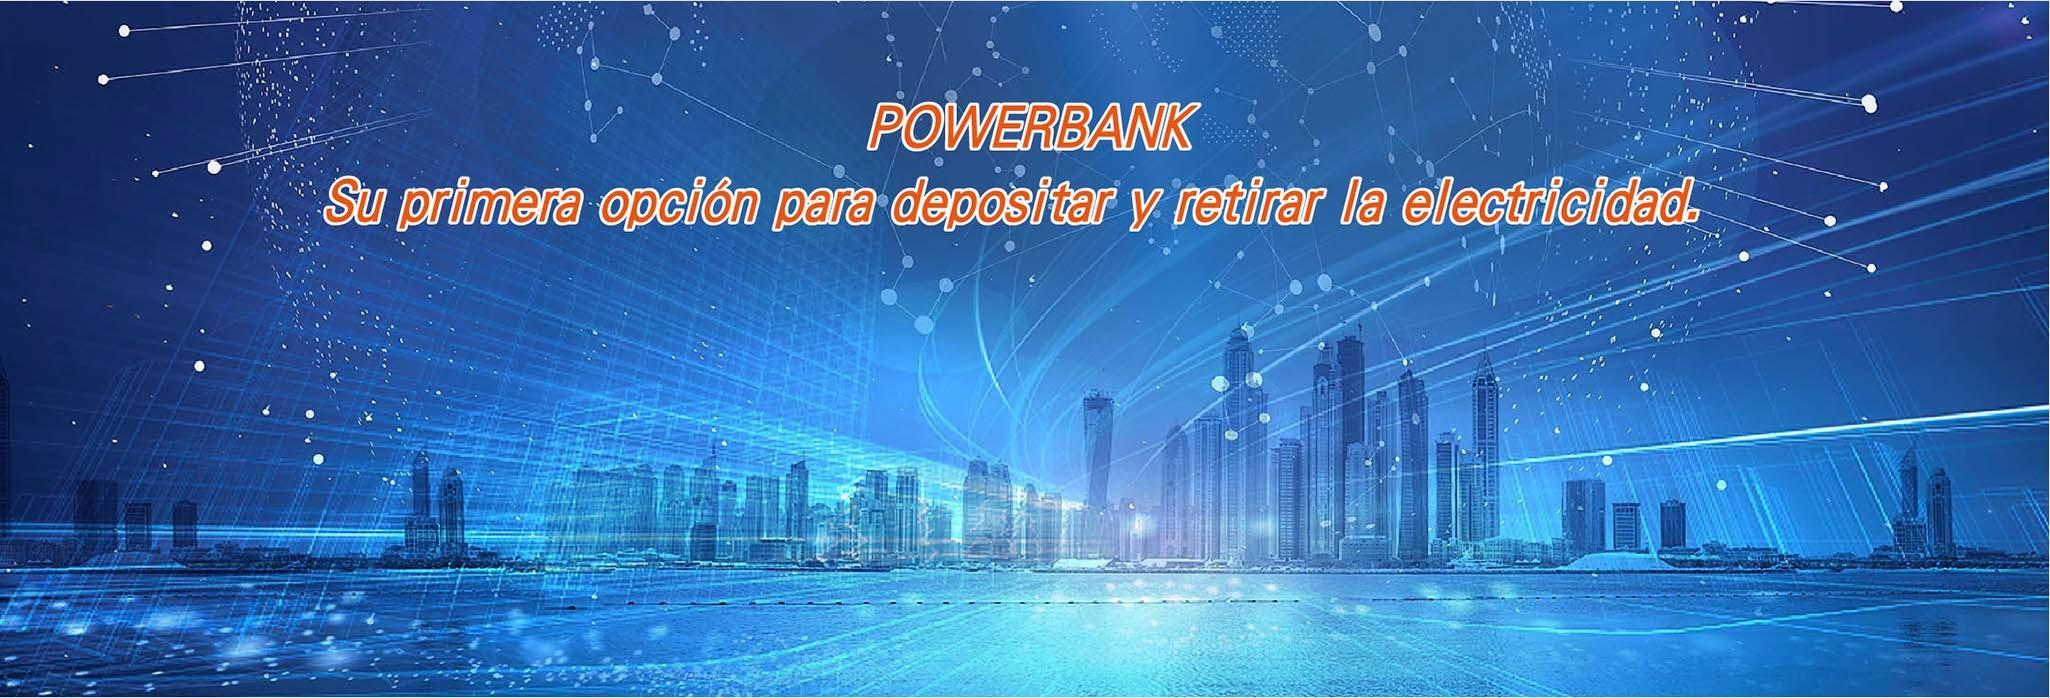 POWERBANK – Su primera opción para depositar y retirar la electricidad